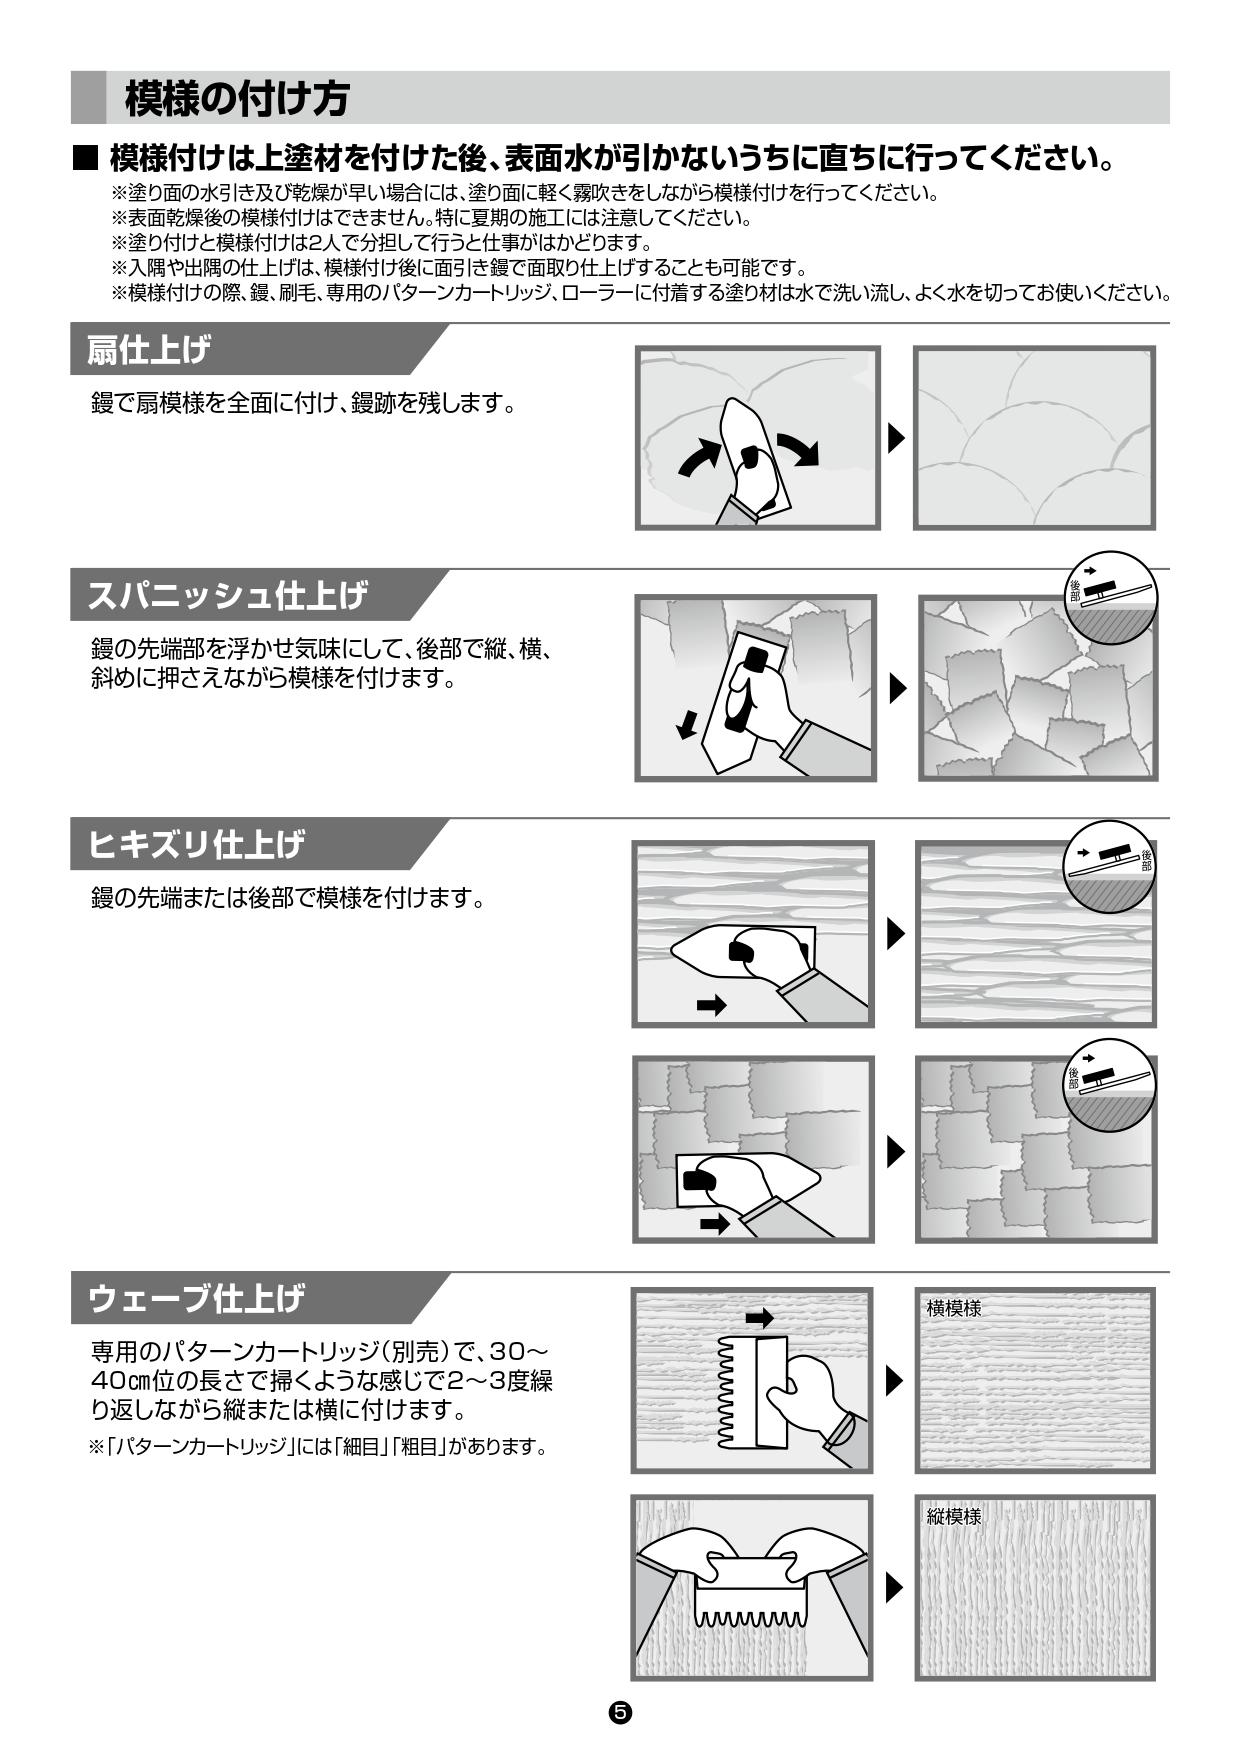 美ブロシルキーHG 施工説明書_page-0005